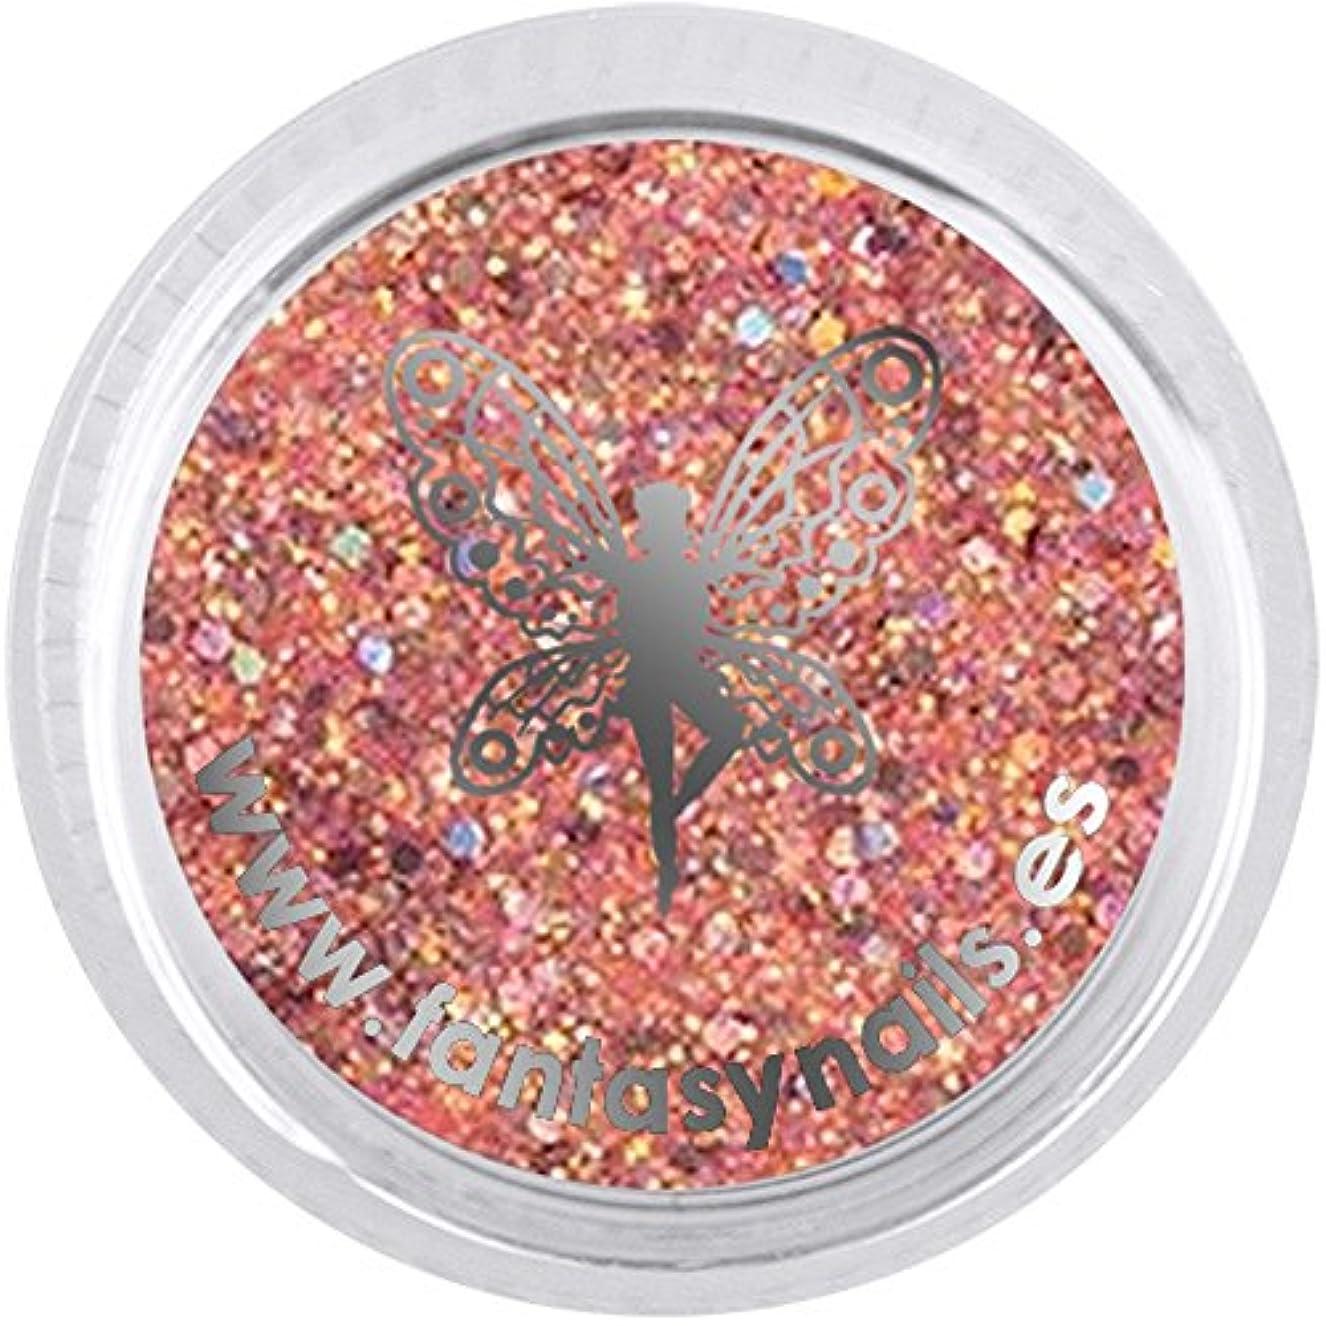 豊かな香水ナースFANTASY NAIL ダイヤモンドコレクション 3g 4255XS カラーパウダー アート材